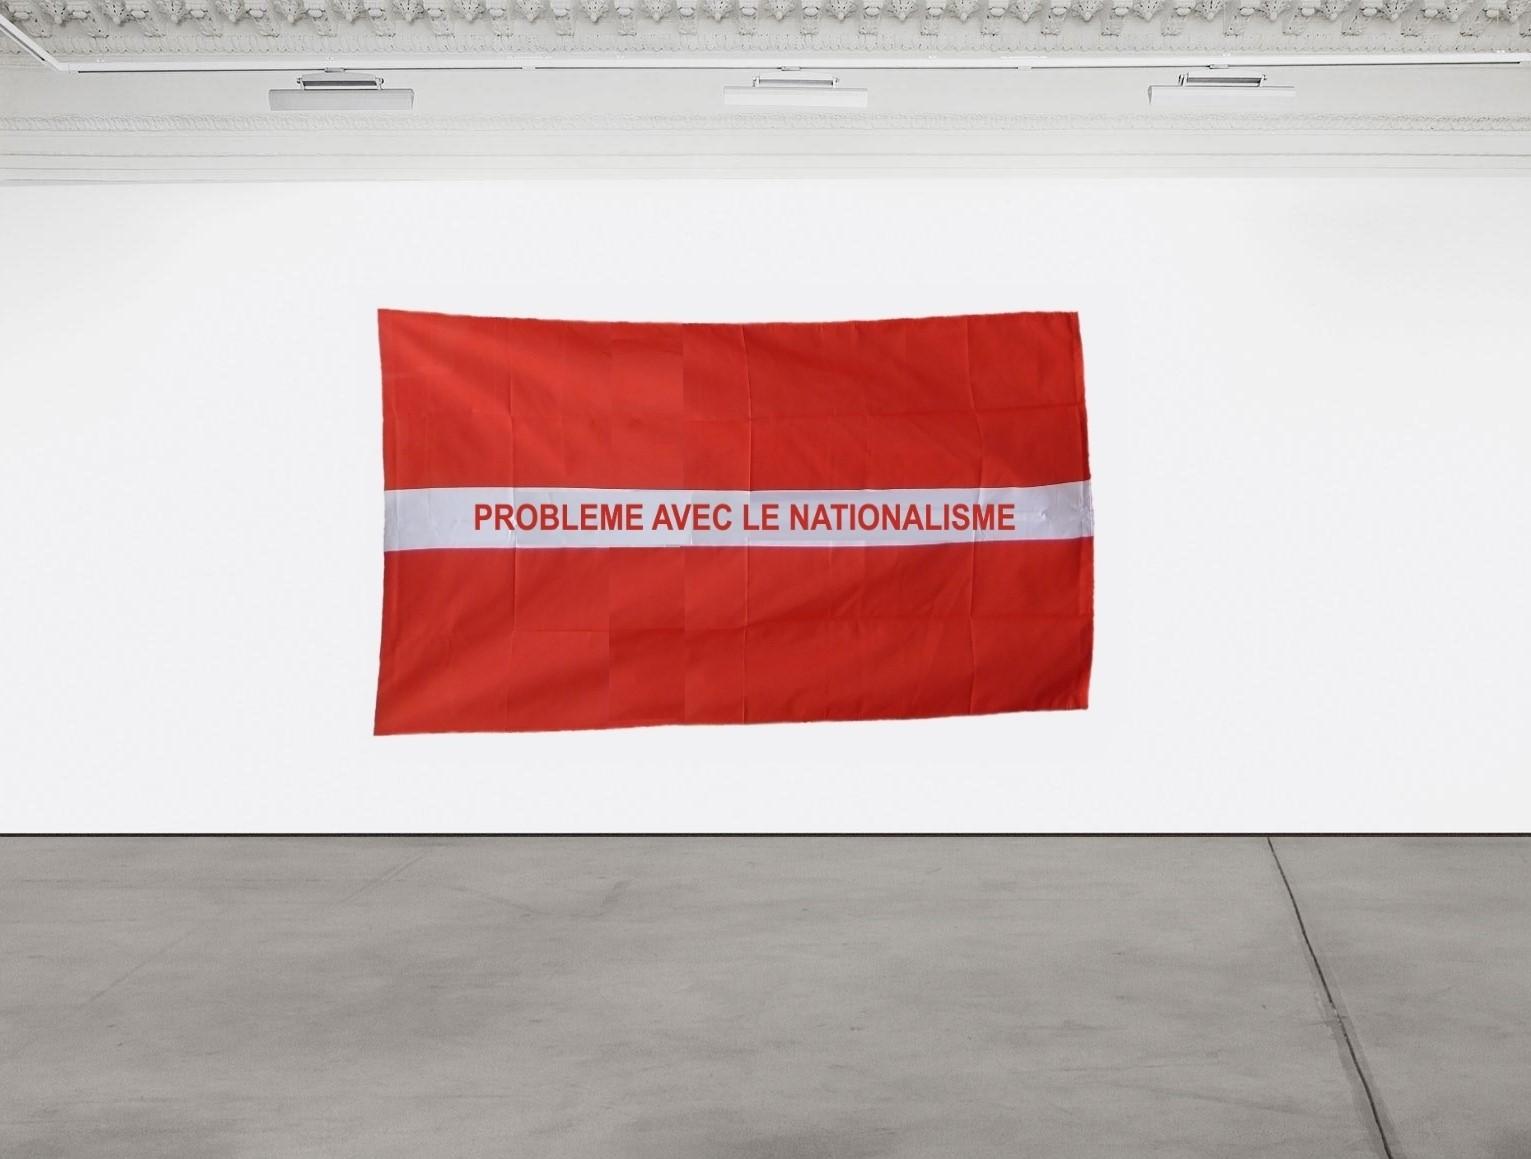 Problème avec le Nationalisme, 2019 / Hand painted fabric flag / 150 cm x 250 cm